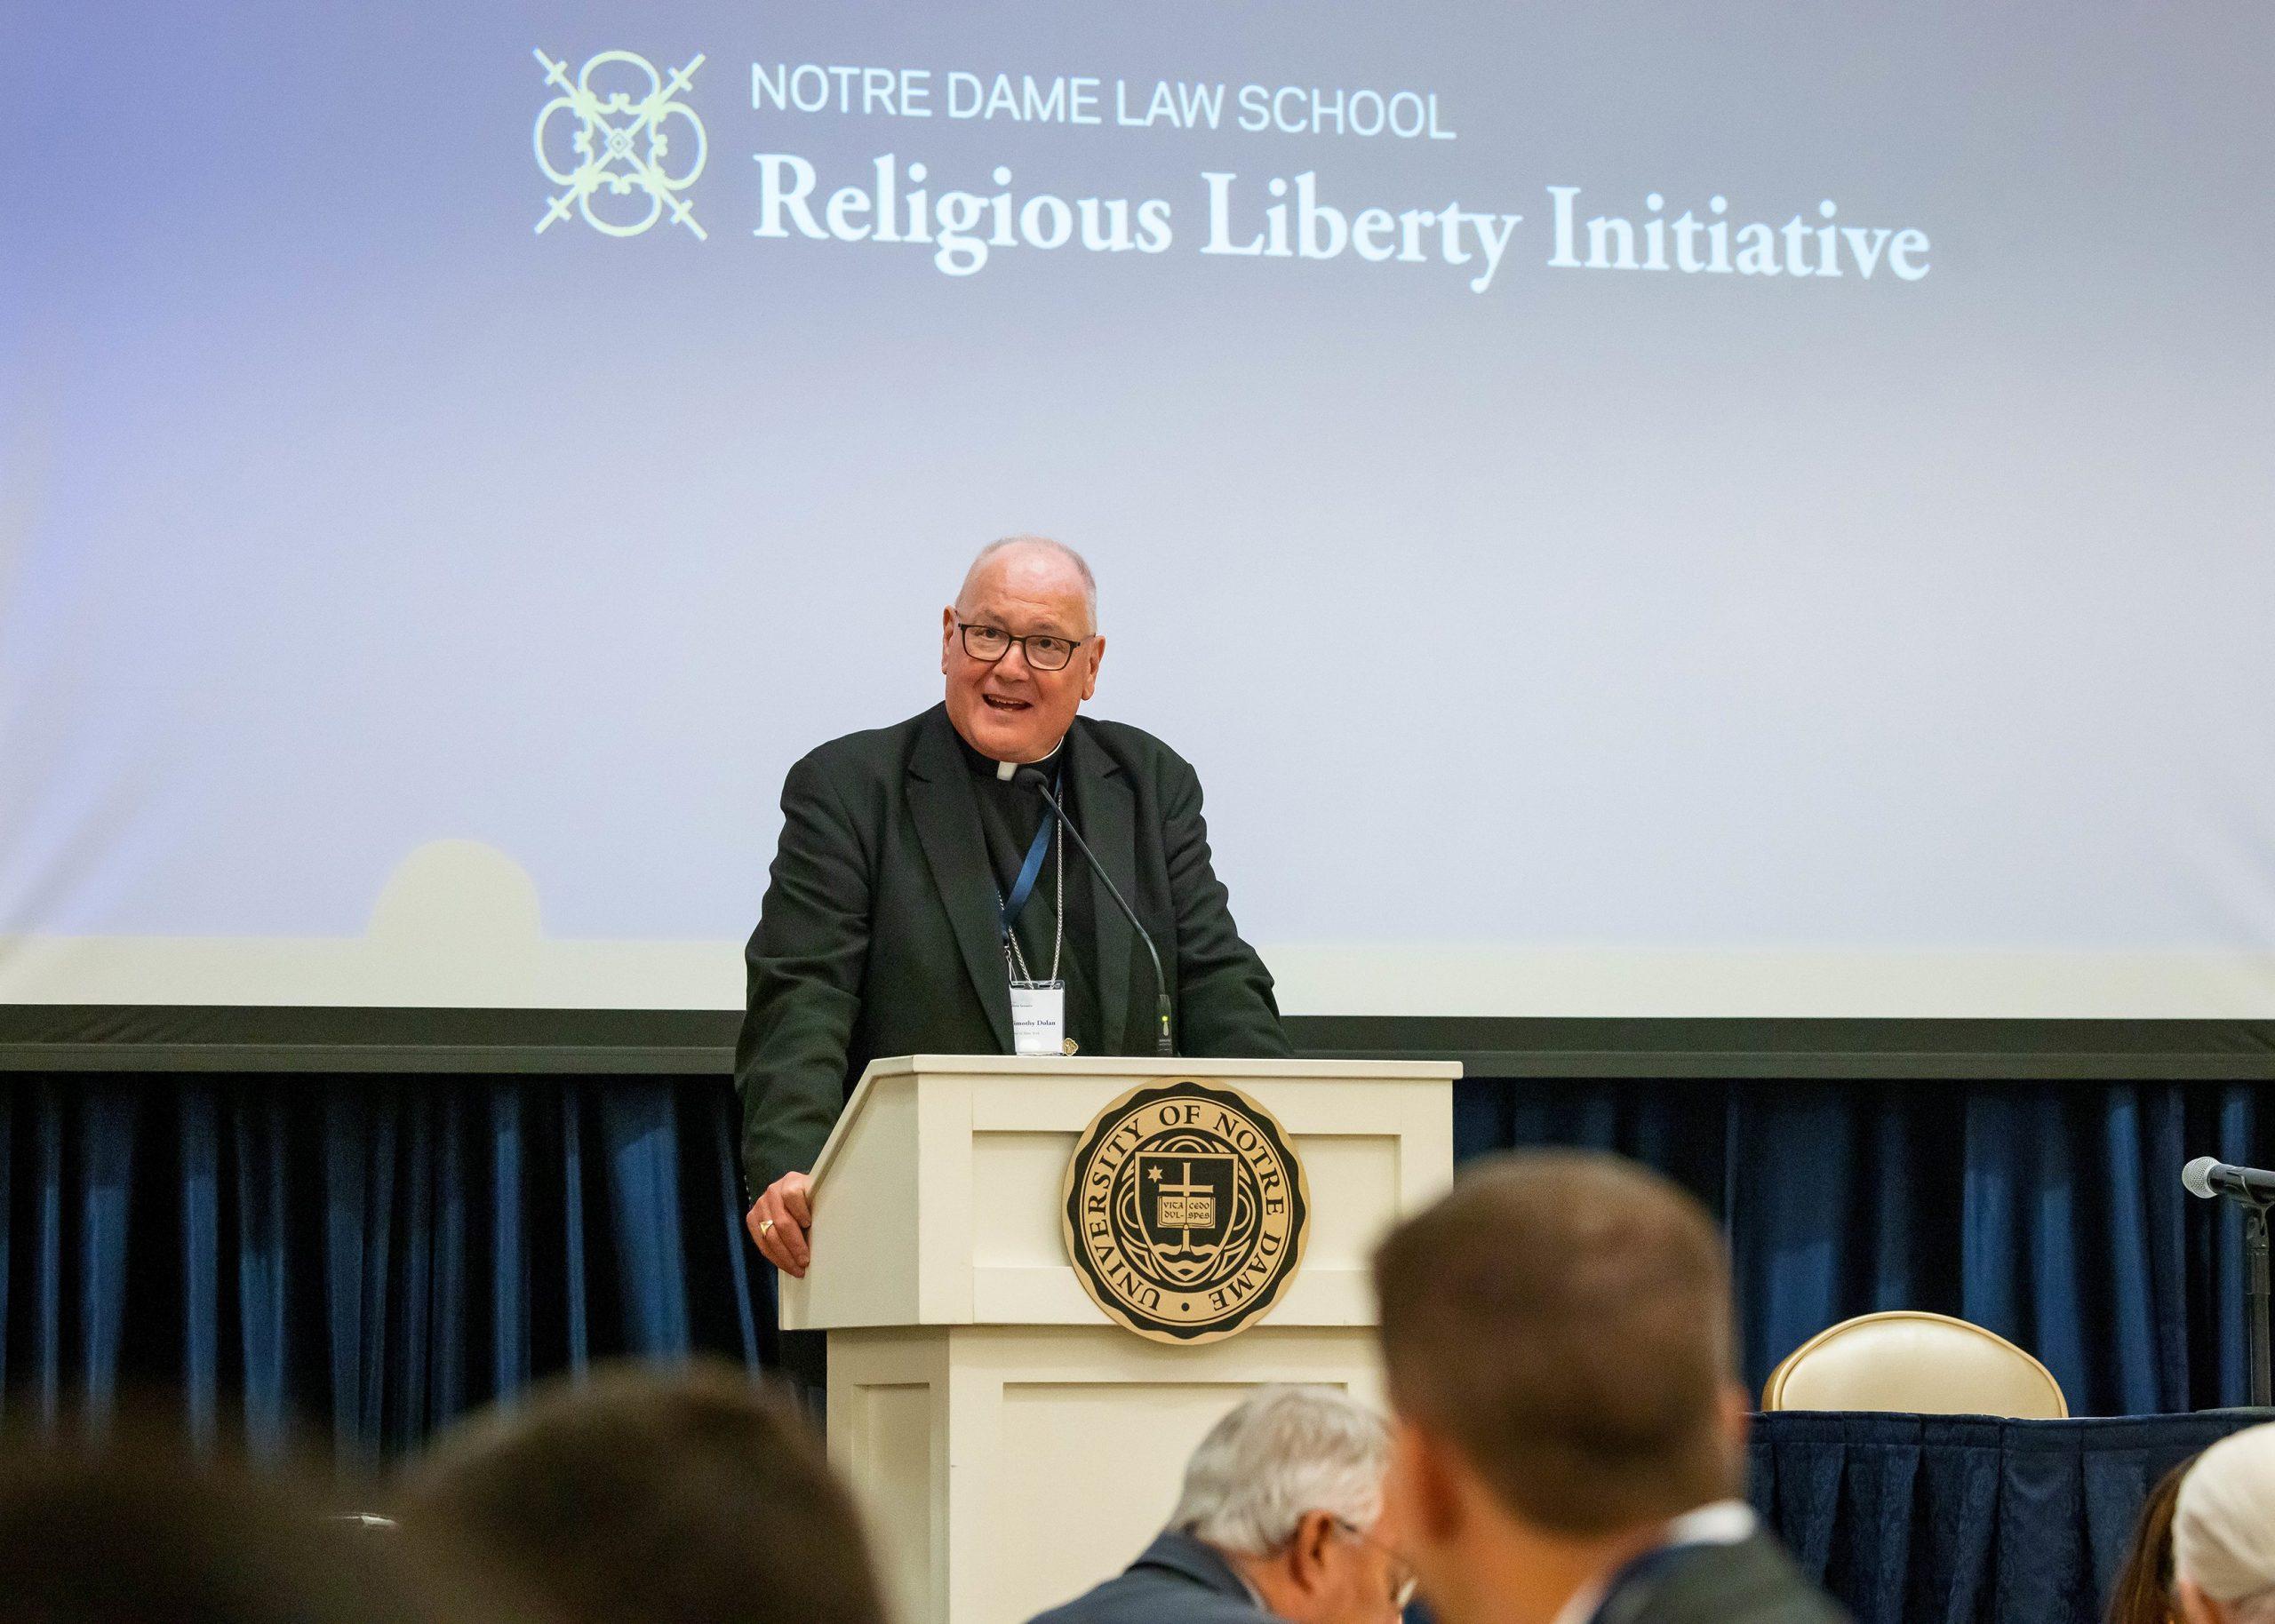 Кардинал Долан: Религиозная свобода важна для человеческого достоинства